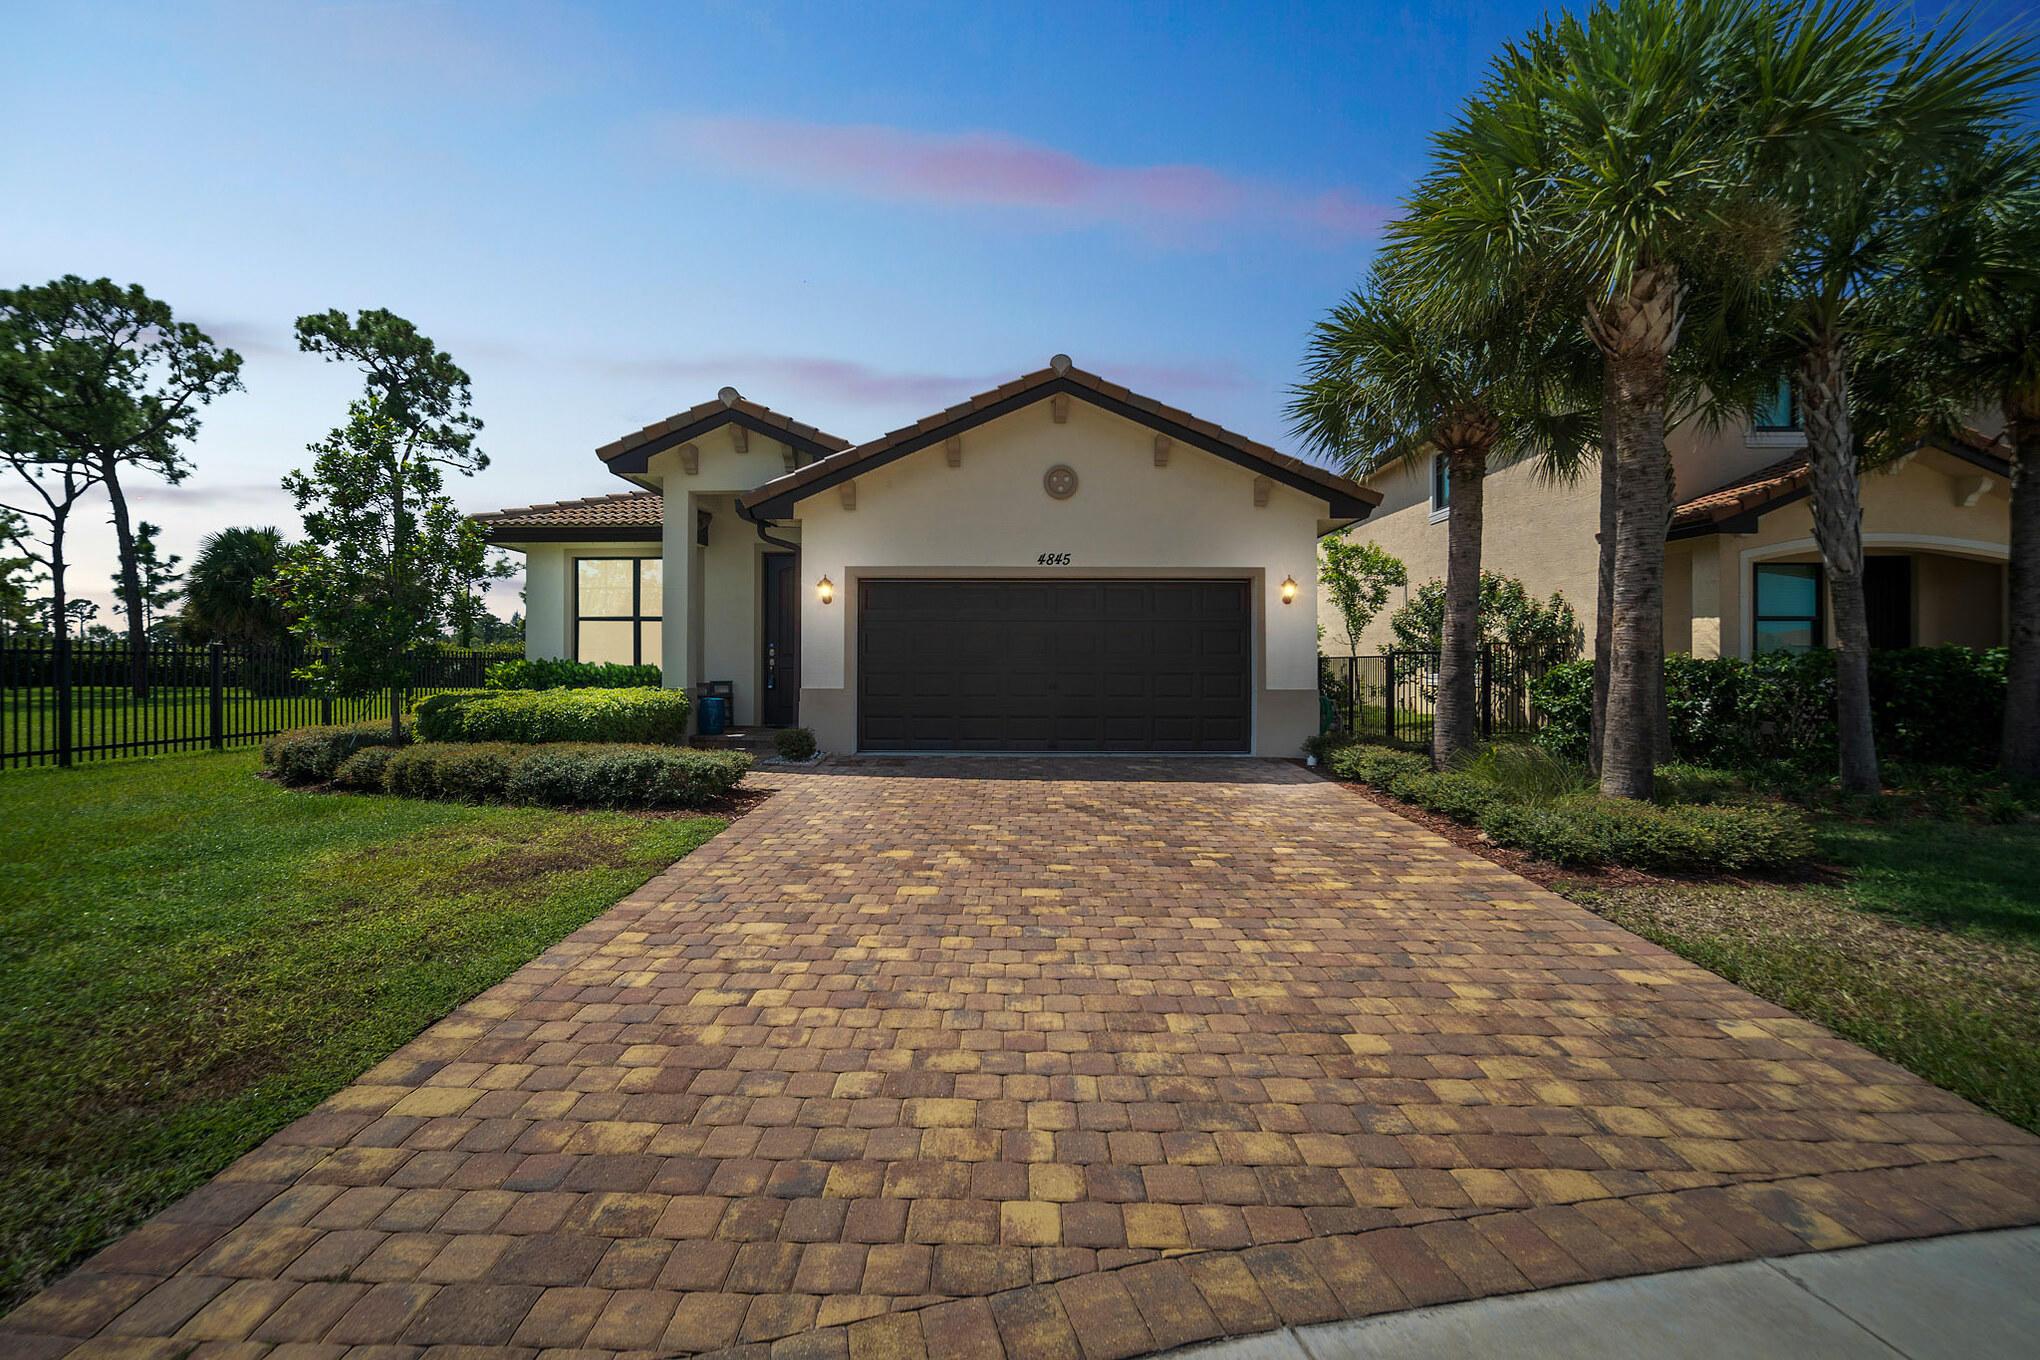 4845 Pond Pine Way - Greenacres, Florida